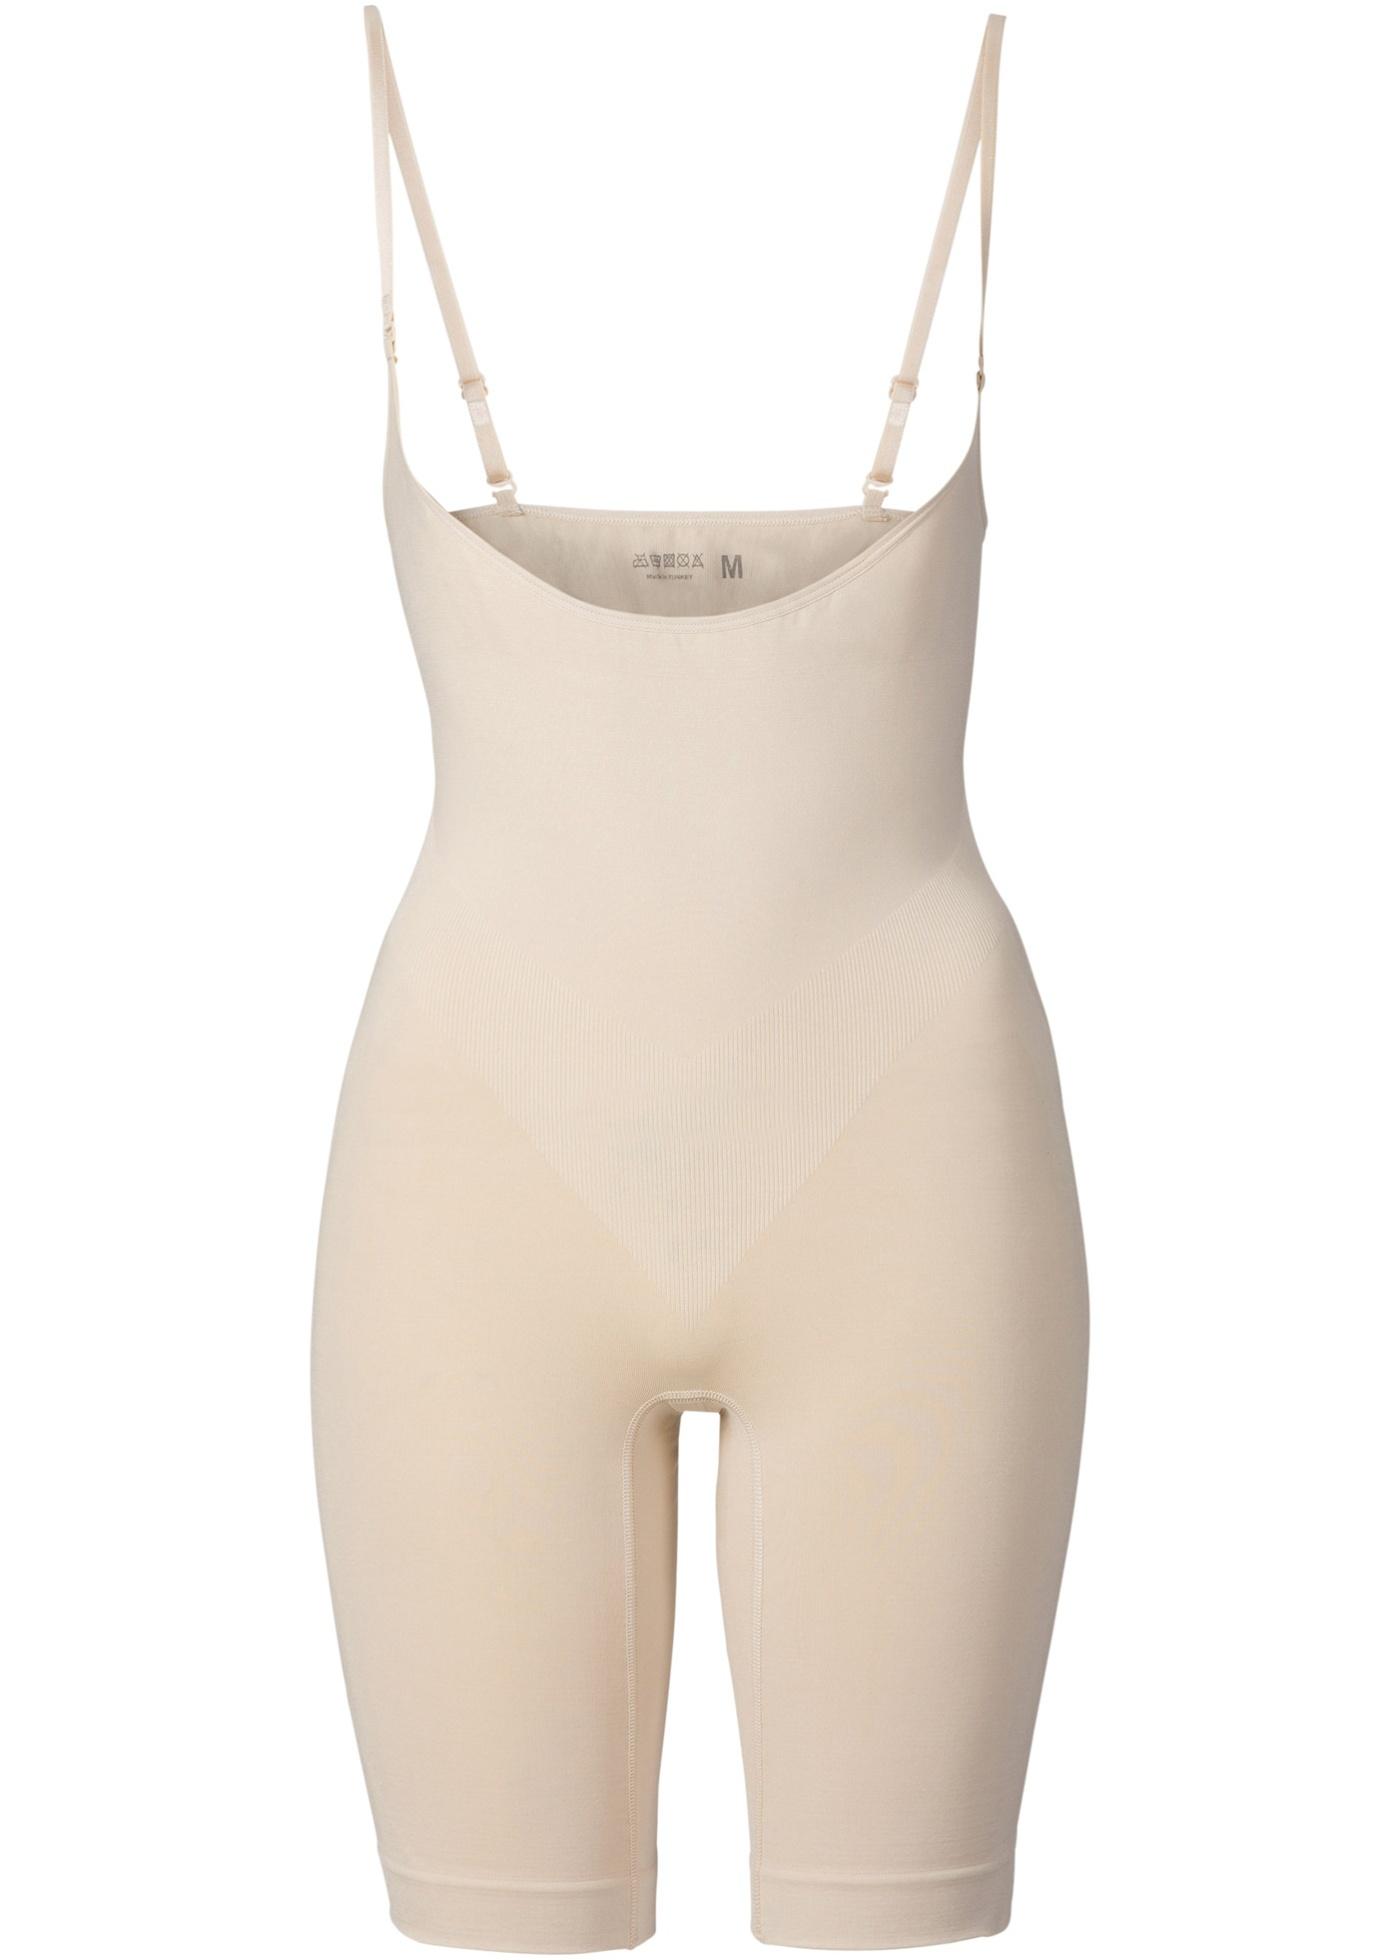 Sans Beige Bpc Femme Couture Pour Niveau Bonprix Sculptant Size Body 2 CollectionNice SpqMVUGLz